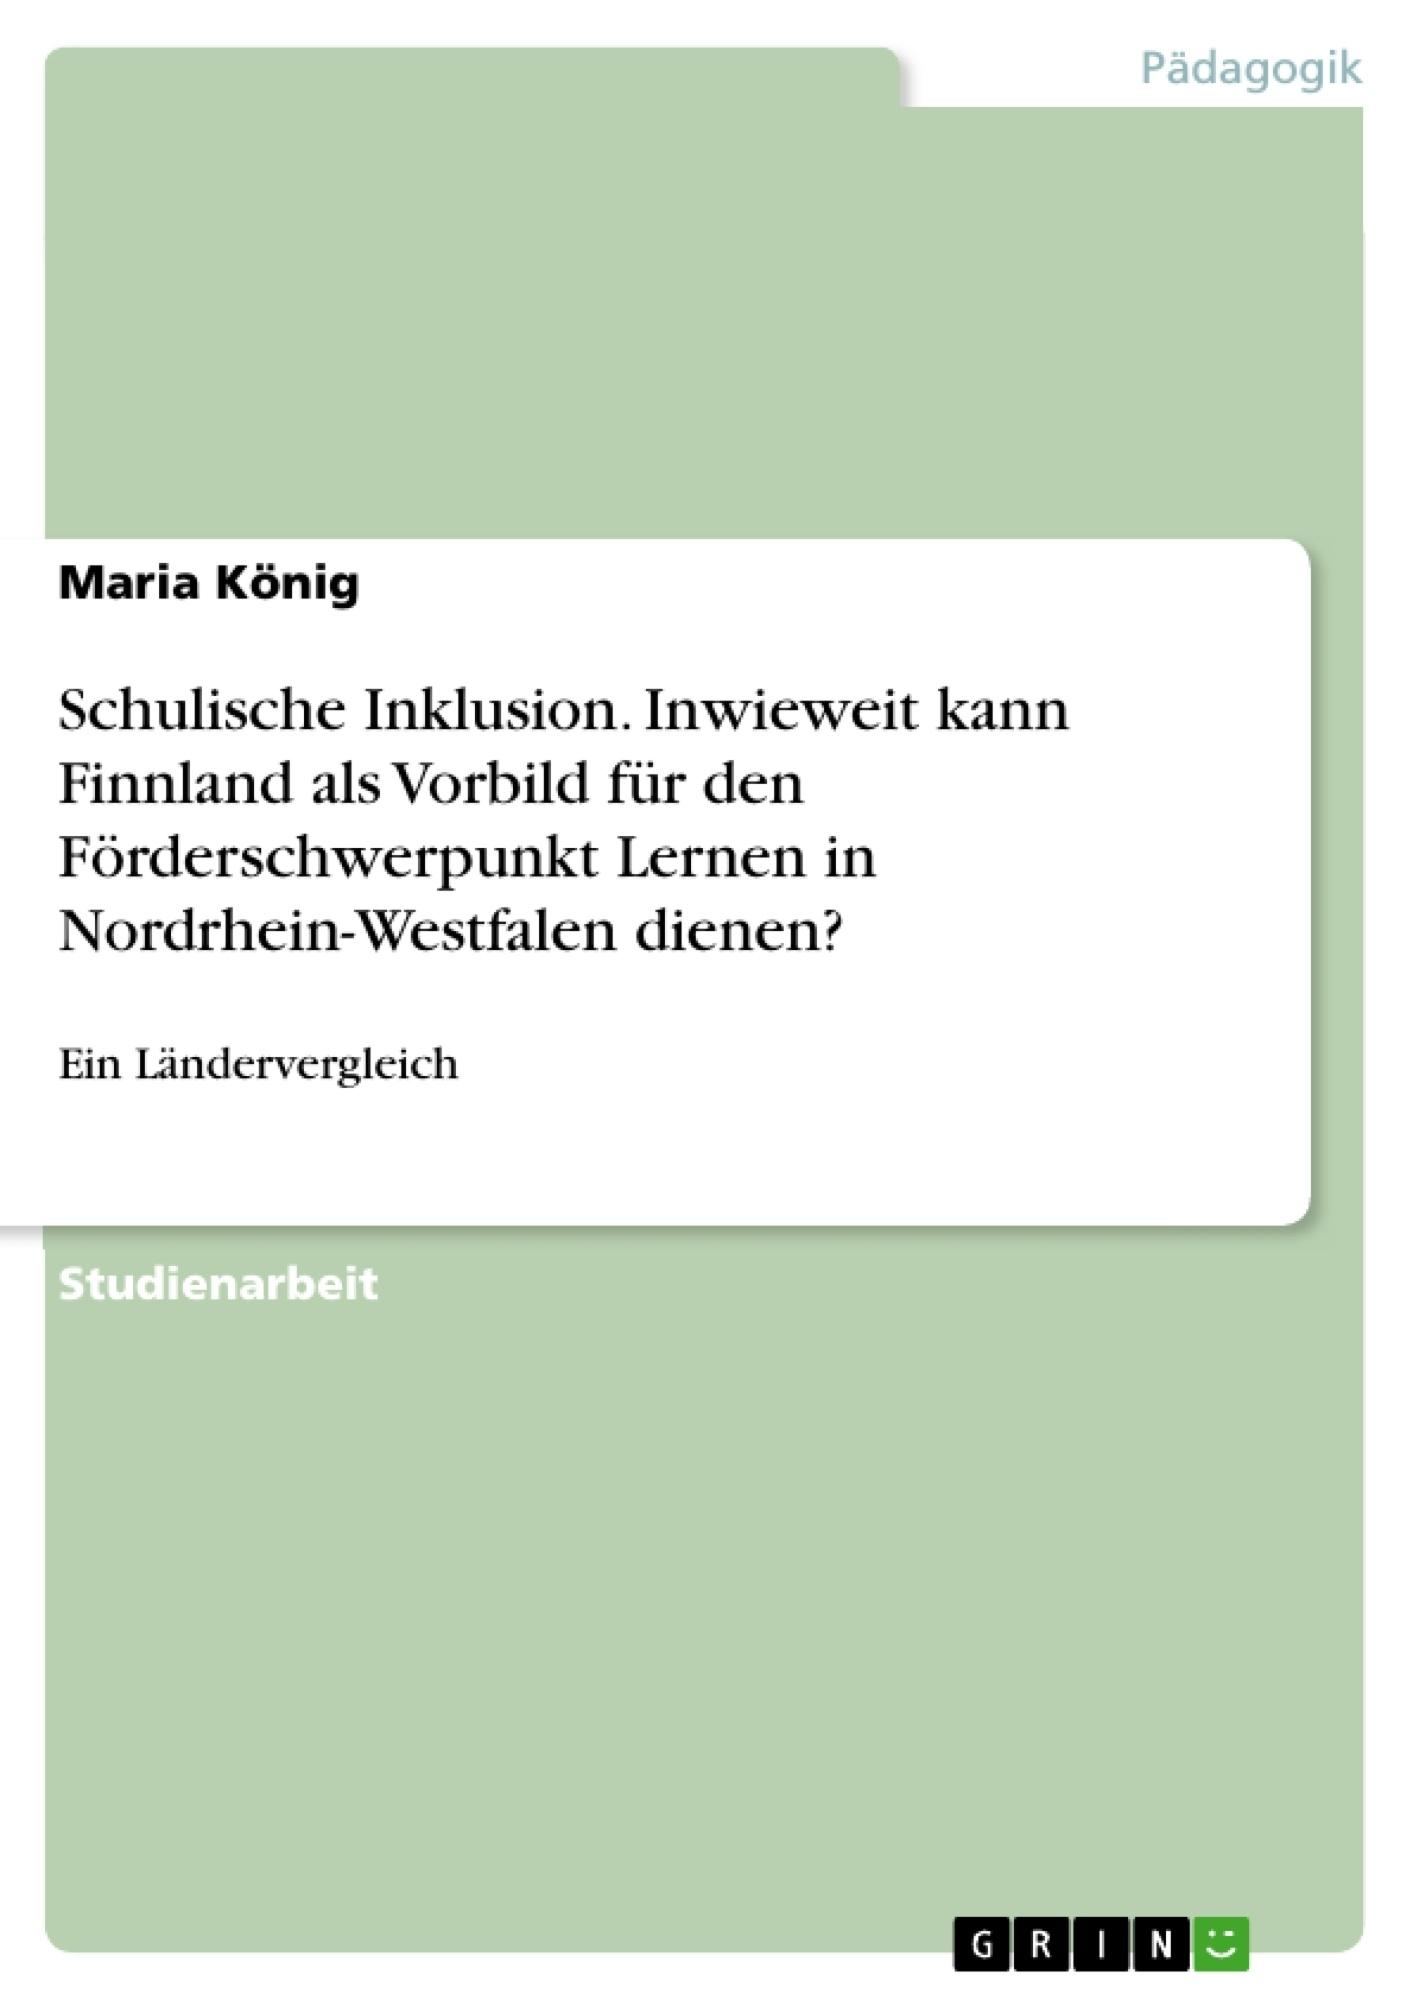 Titel: Schulische Inklusion. Inwieweit kann Finnland als Vorbild für den Förderschwerpunkt Lernen in Nordrhein-Westfalen dienen?